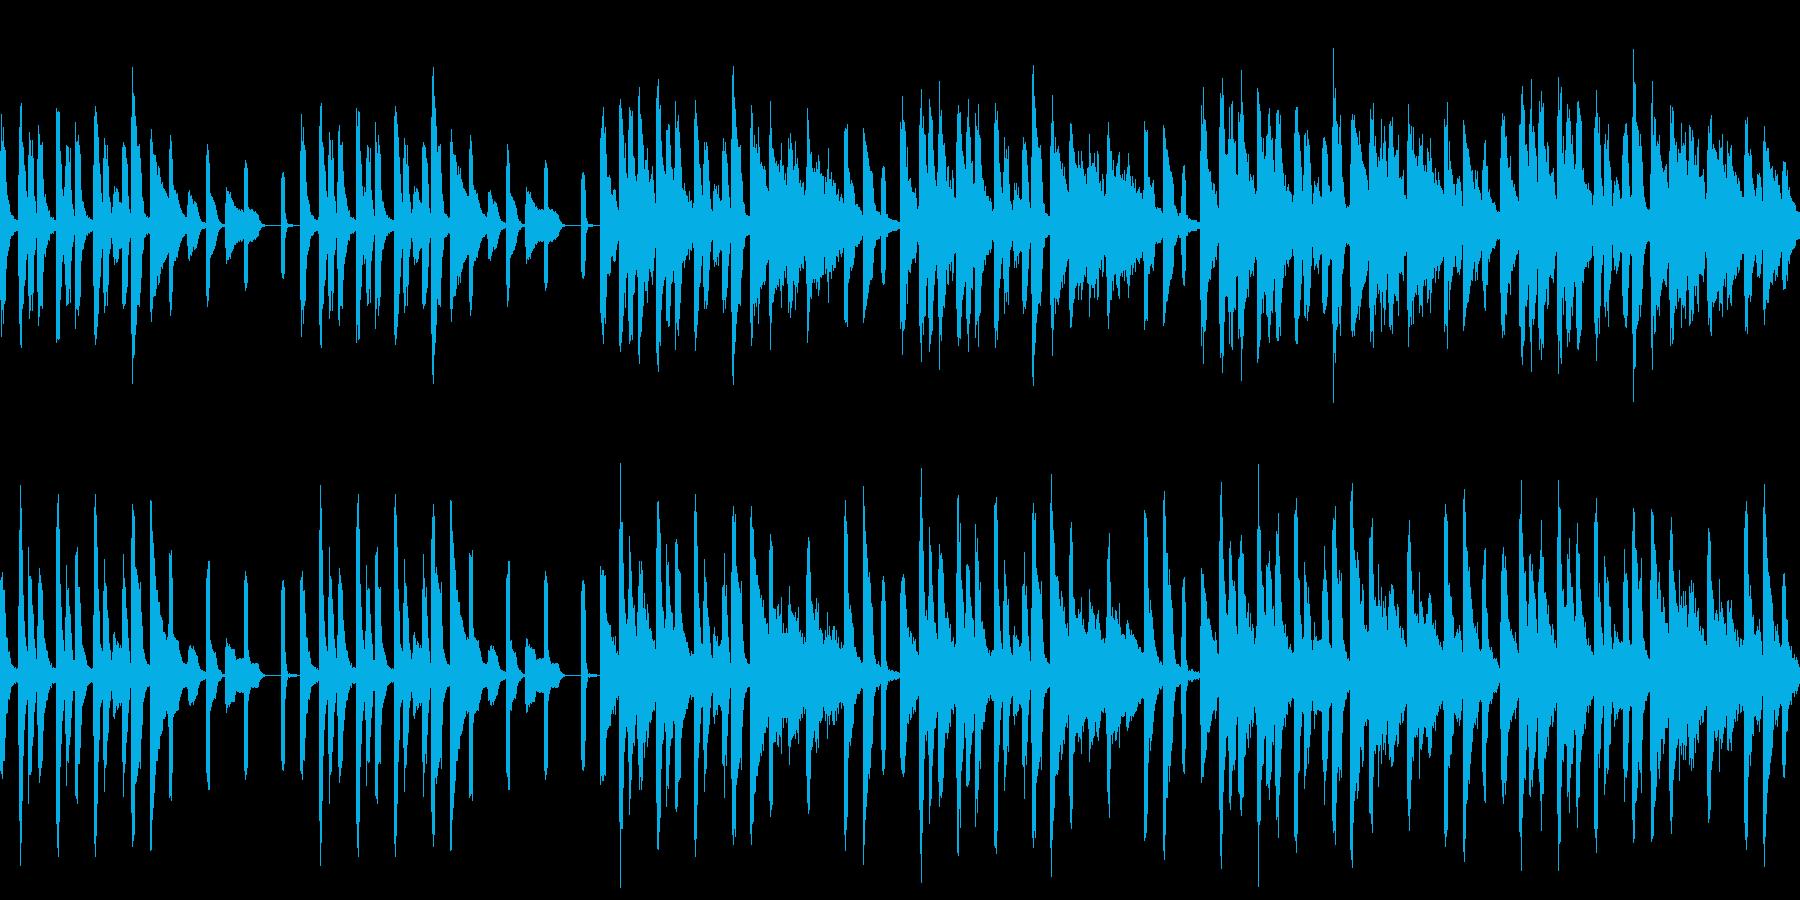 引っ越し新生活な曲(ループ仕様)の再生済みの波形